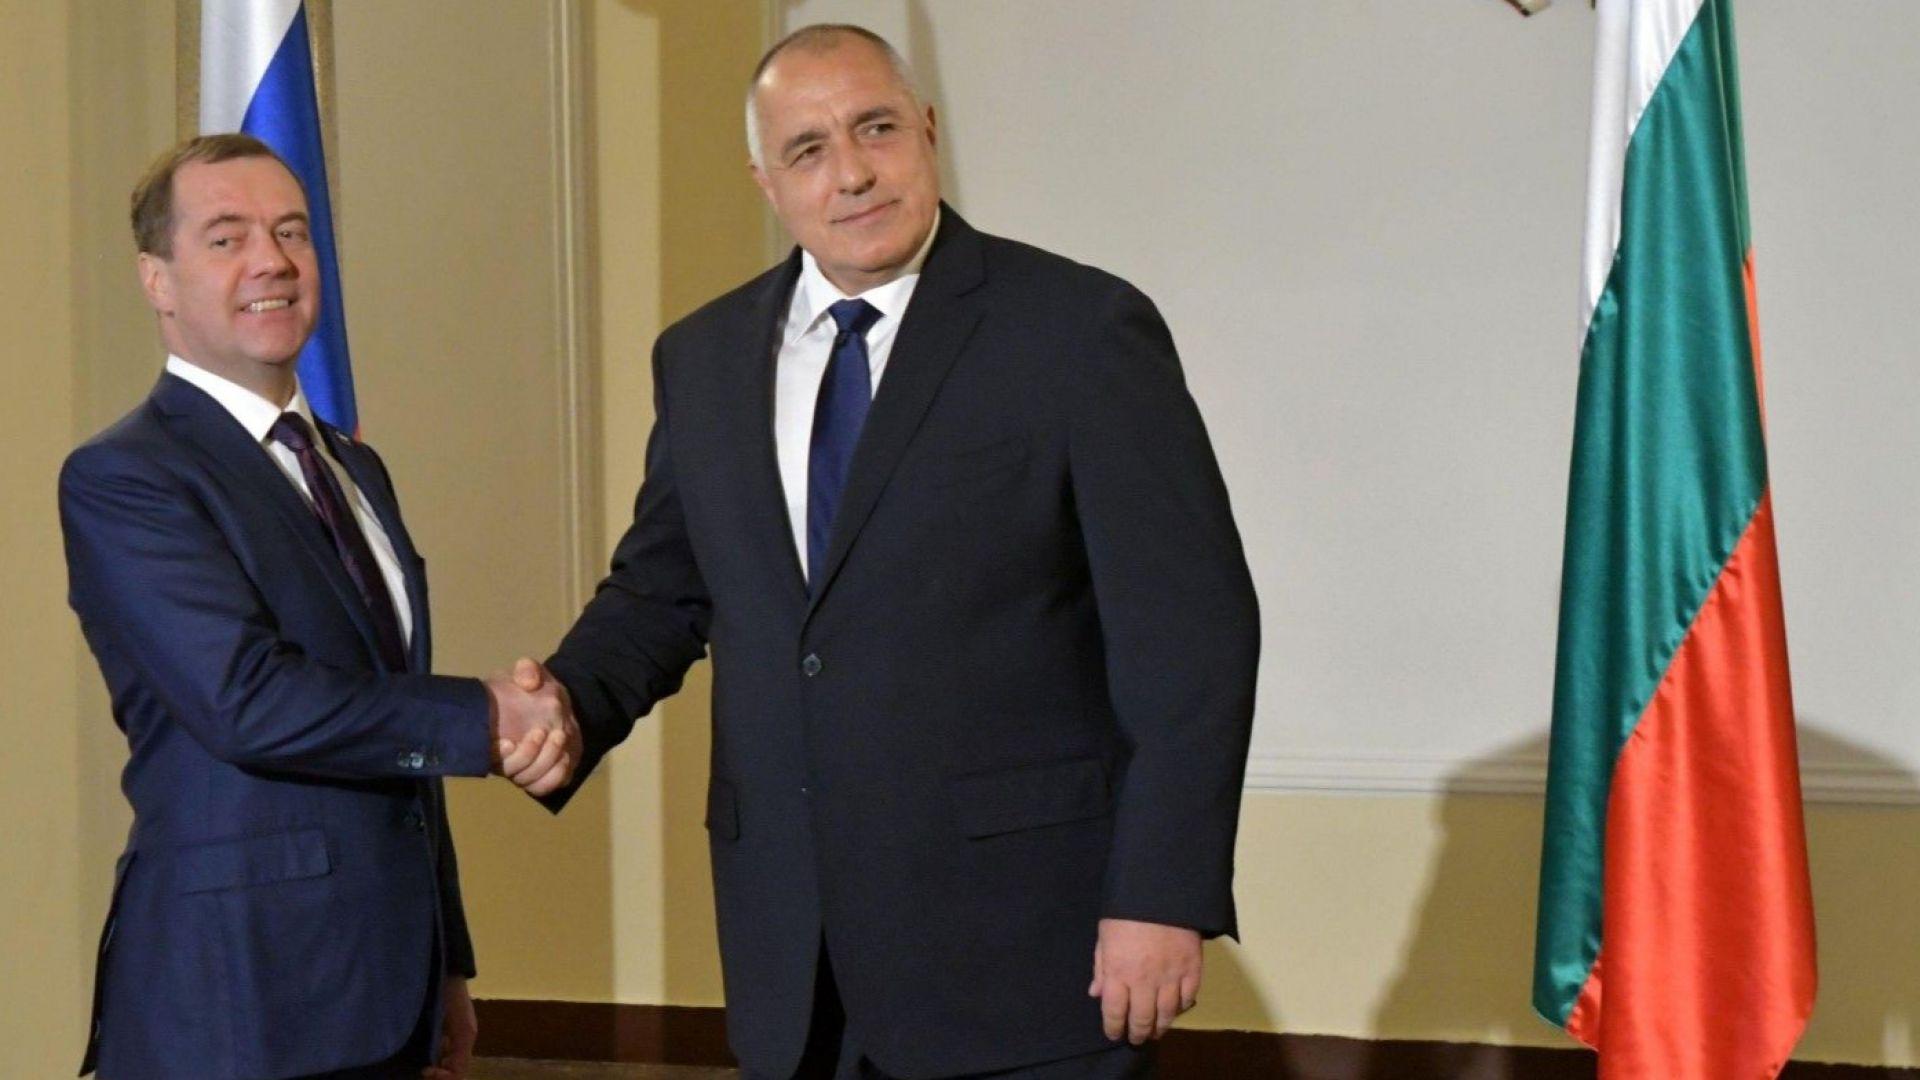 Руско издание: Диалогът между София и Москва съживява политиката ЕС - Евразийски съюз